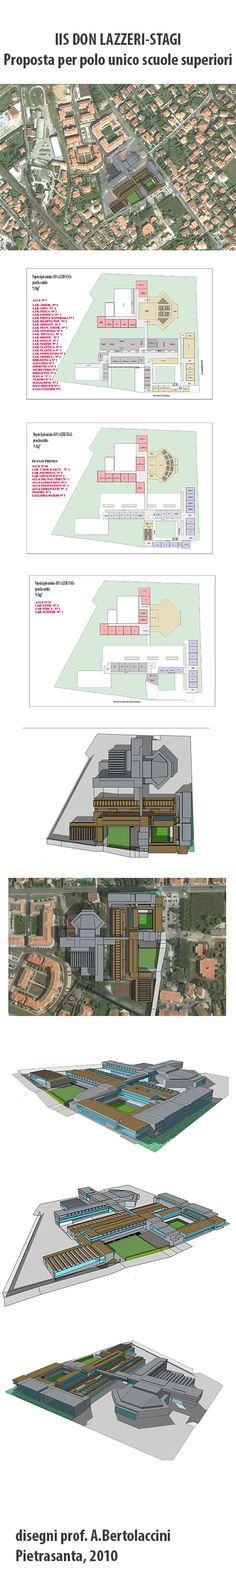 Proposta per polo unico delle scuole superiori di Pietrasanta. Disegni: prof. A.Bertolaccini, 2010.